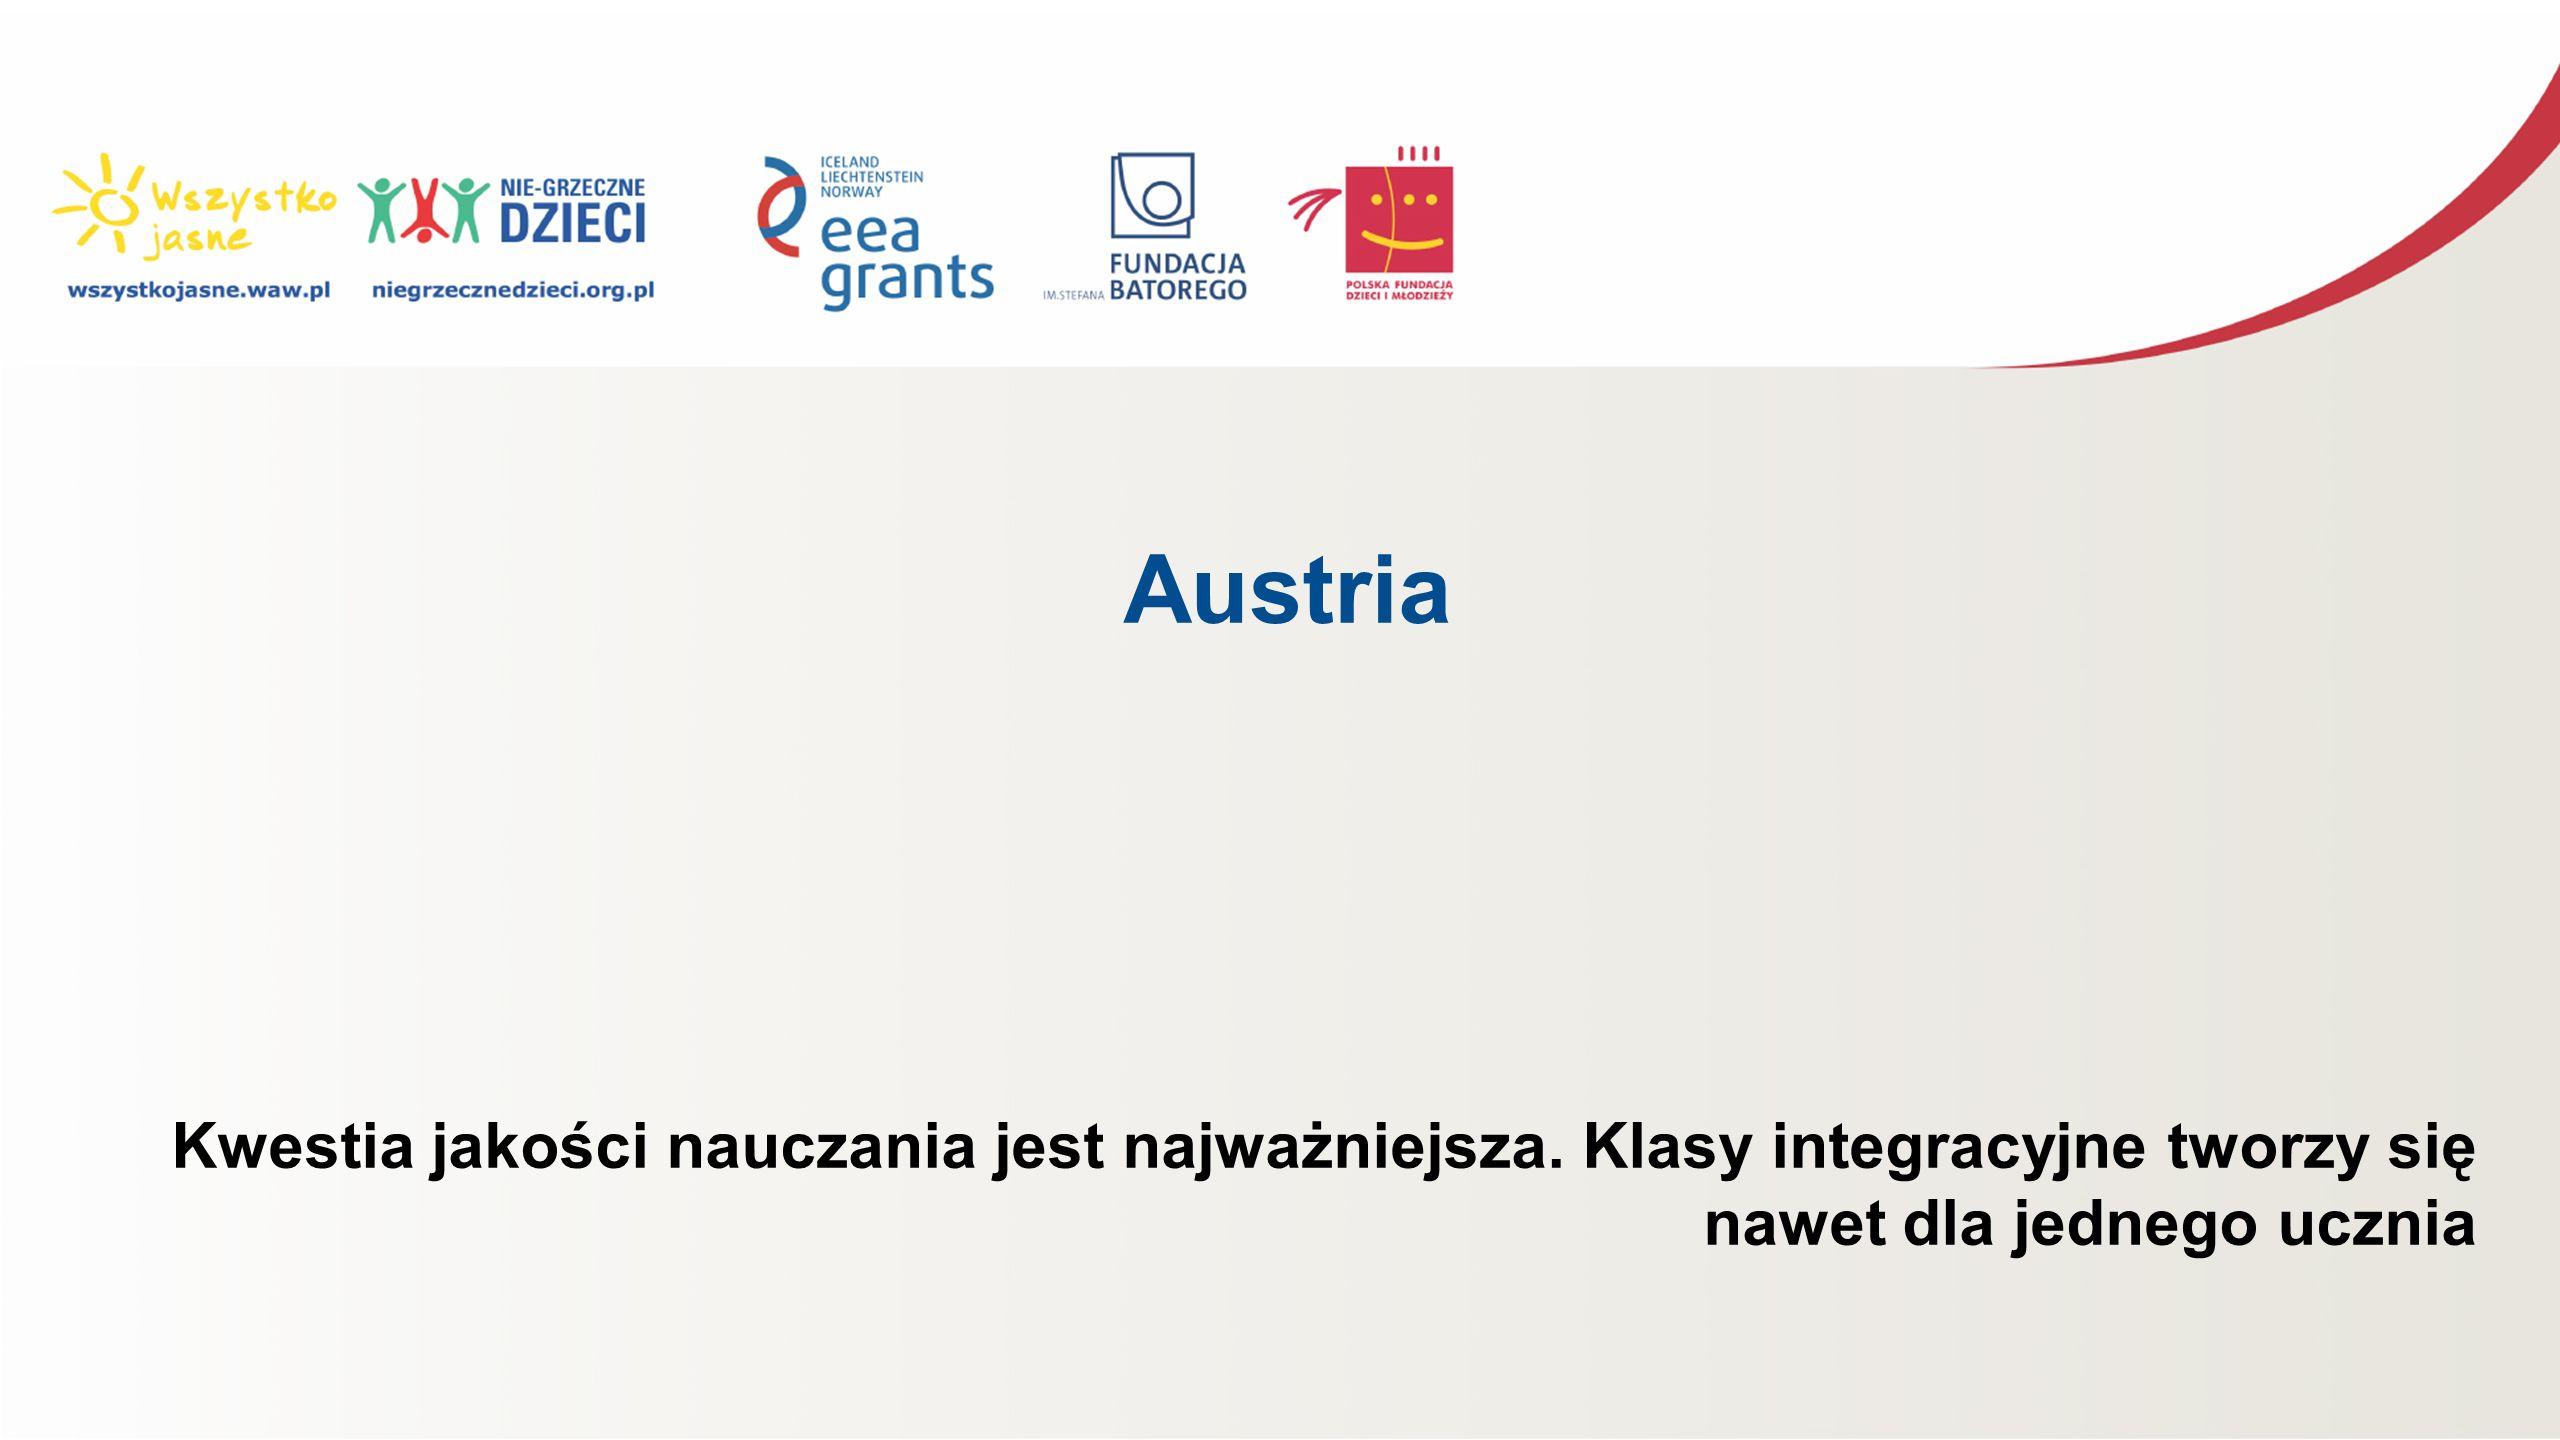 Austria Kwestia jakości nauczania jest najważniejsza. Klasy integracyjne tworzy się nawet dla jednego ucznia